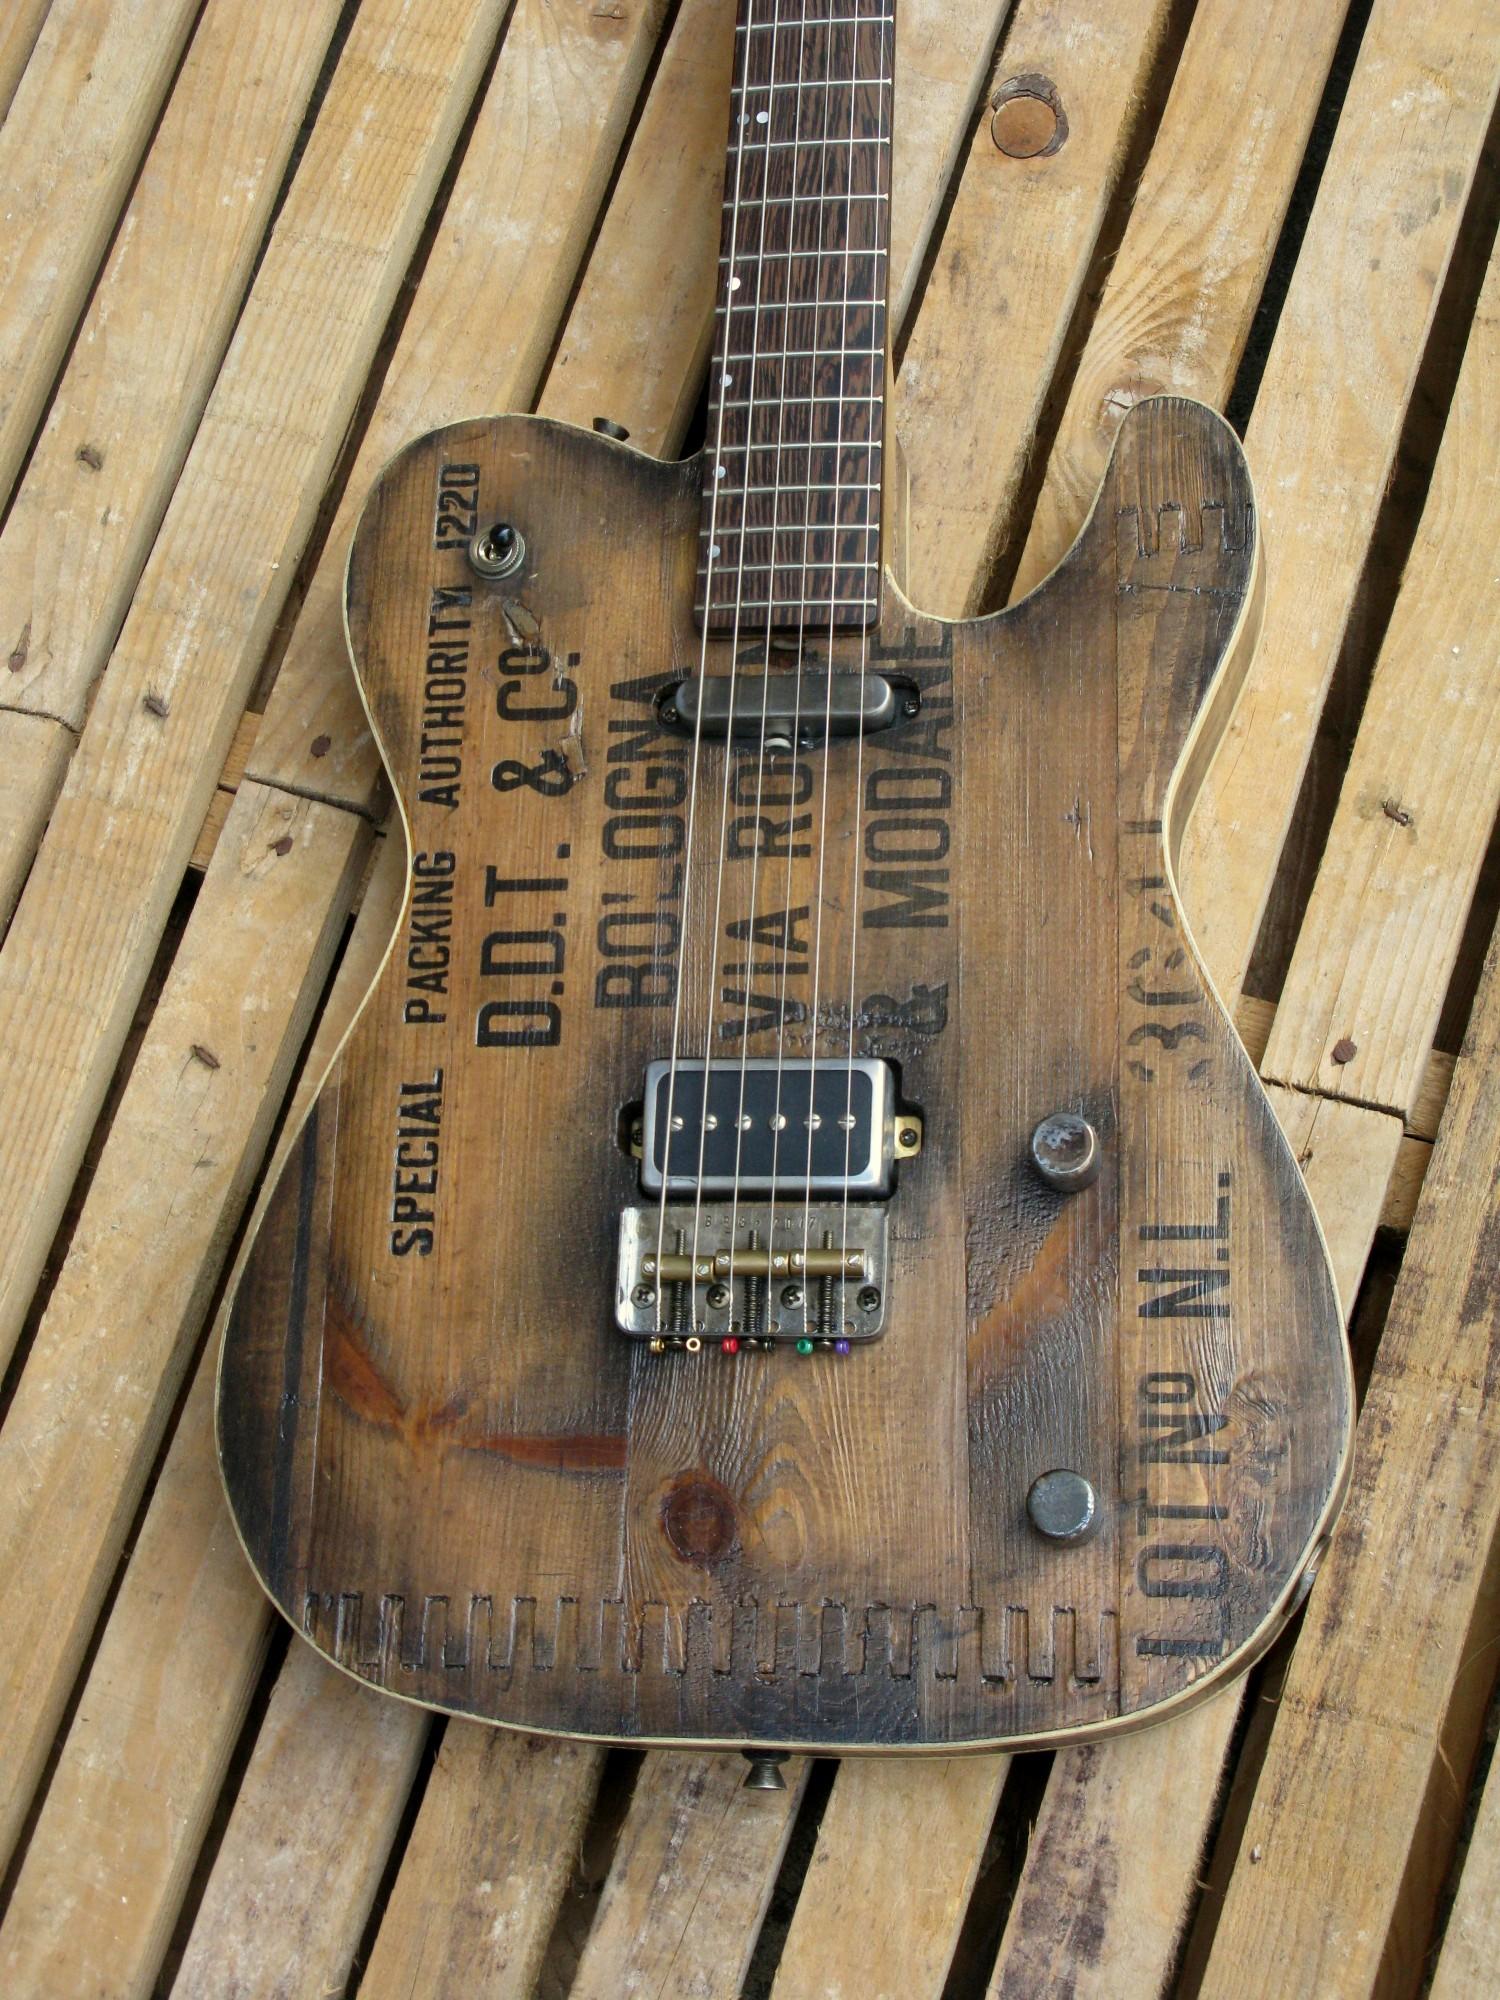 Body in castagno di una chitarra elettrica baritono modello Telecaster con top ricavato da una vecchia cassetta di polvere da sparo